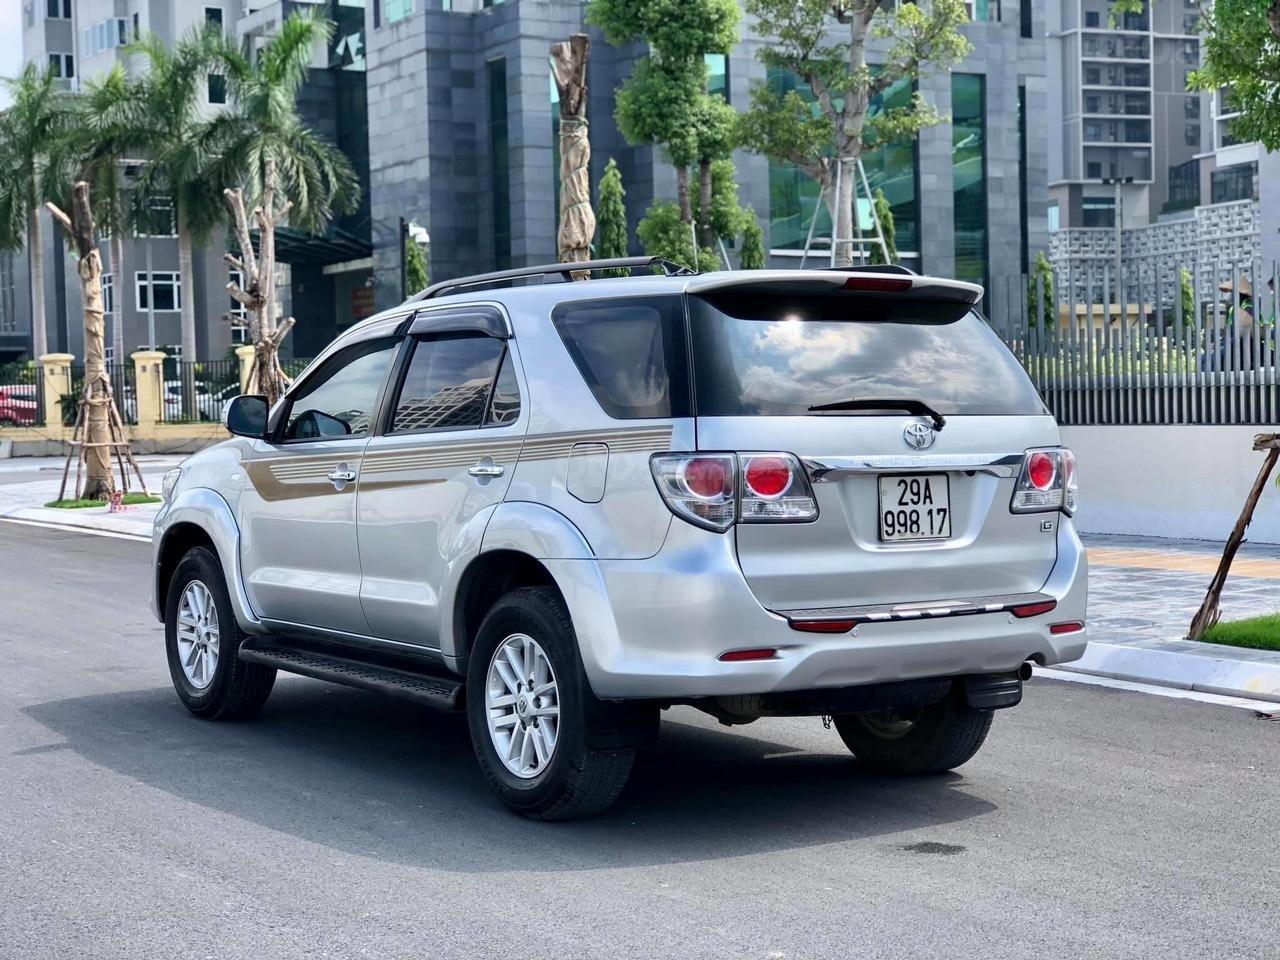 Bán Toyota Fortuner sản xuất năm 2013 giá  thương lượng (1)